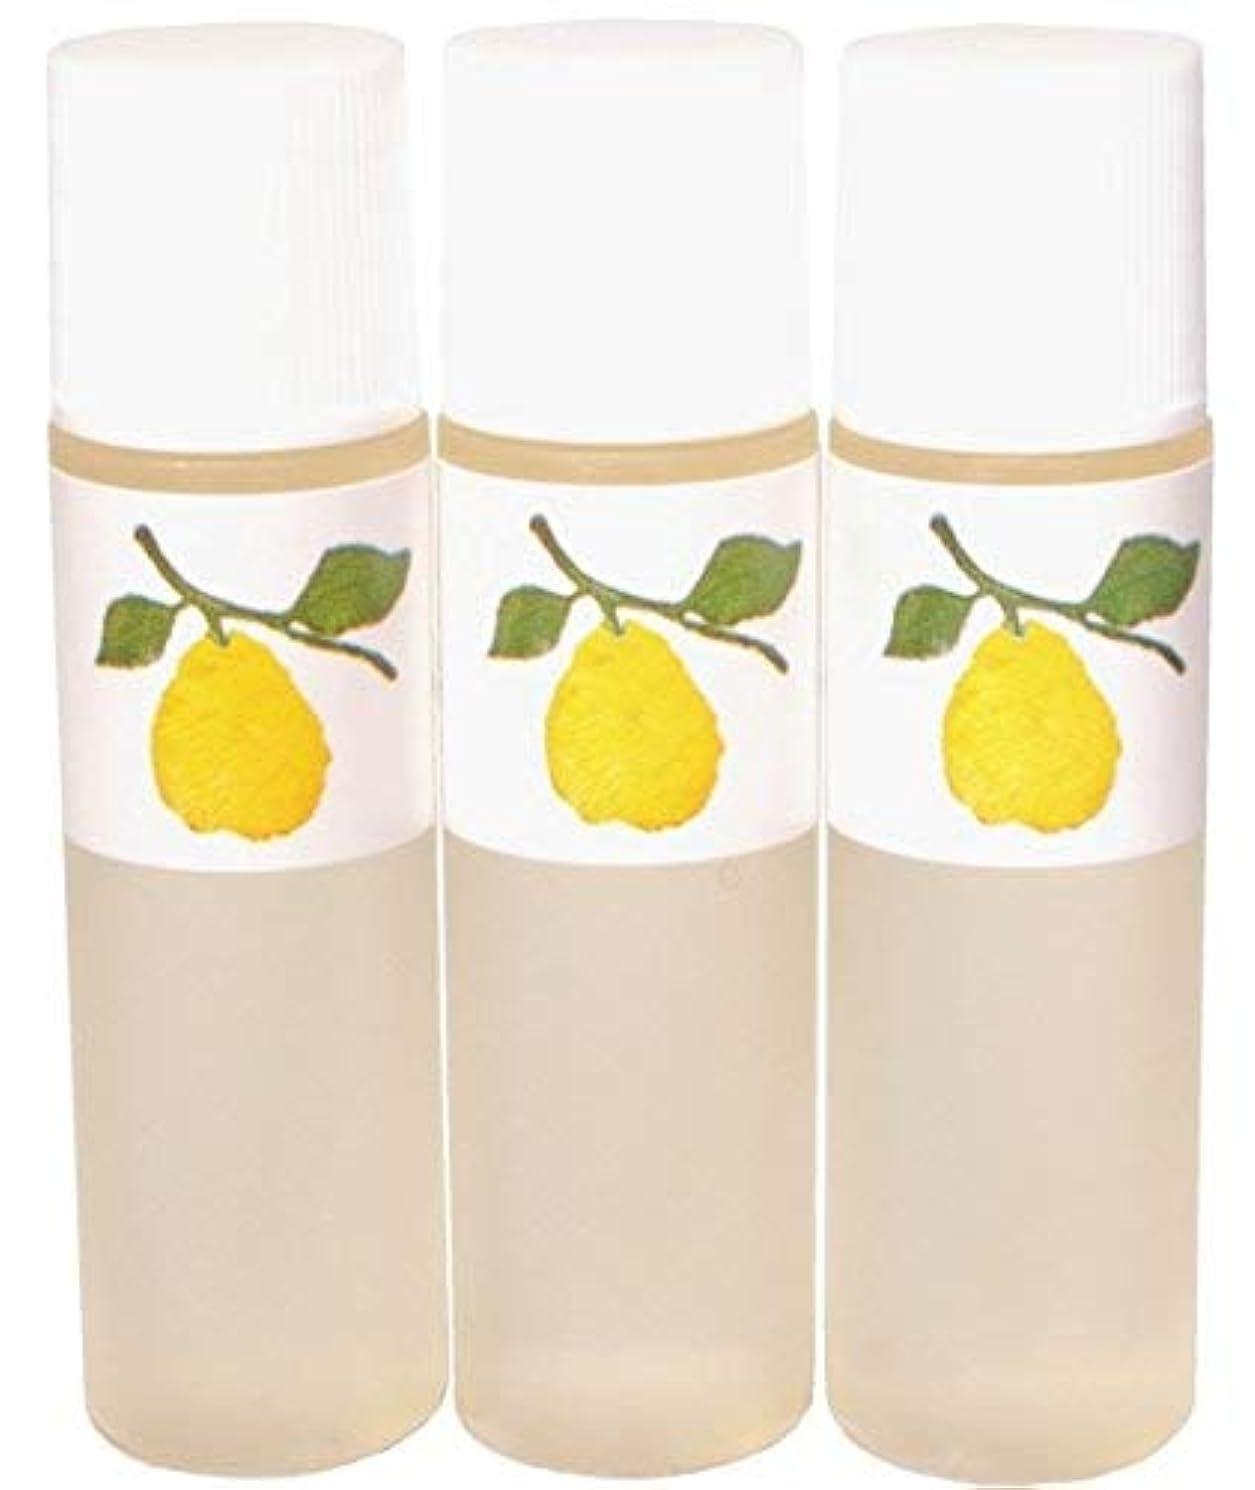 緑運賃祖先花梨の化粧水 トラベルセット 美容液 栄養クリームのいらないお肌へ 保湿と乾燥対策に